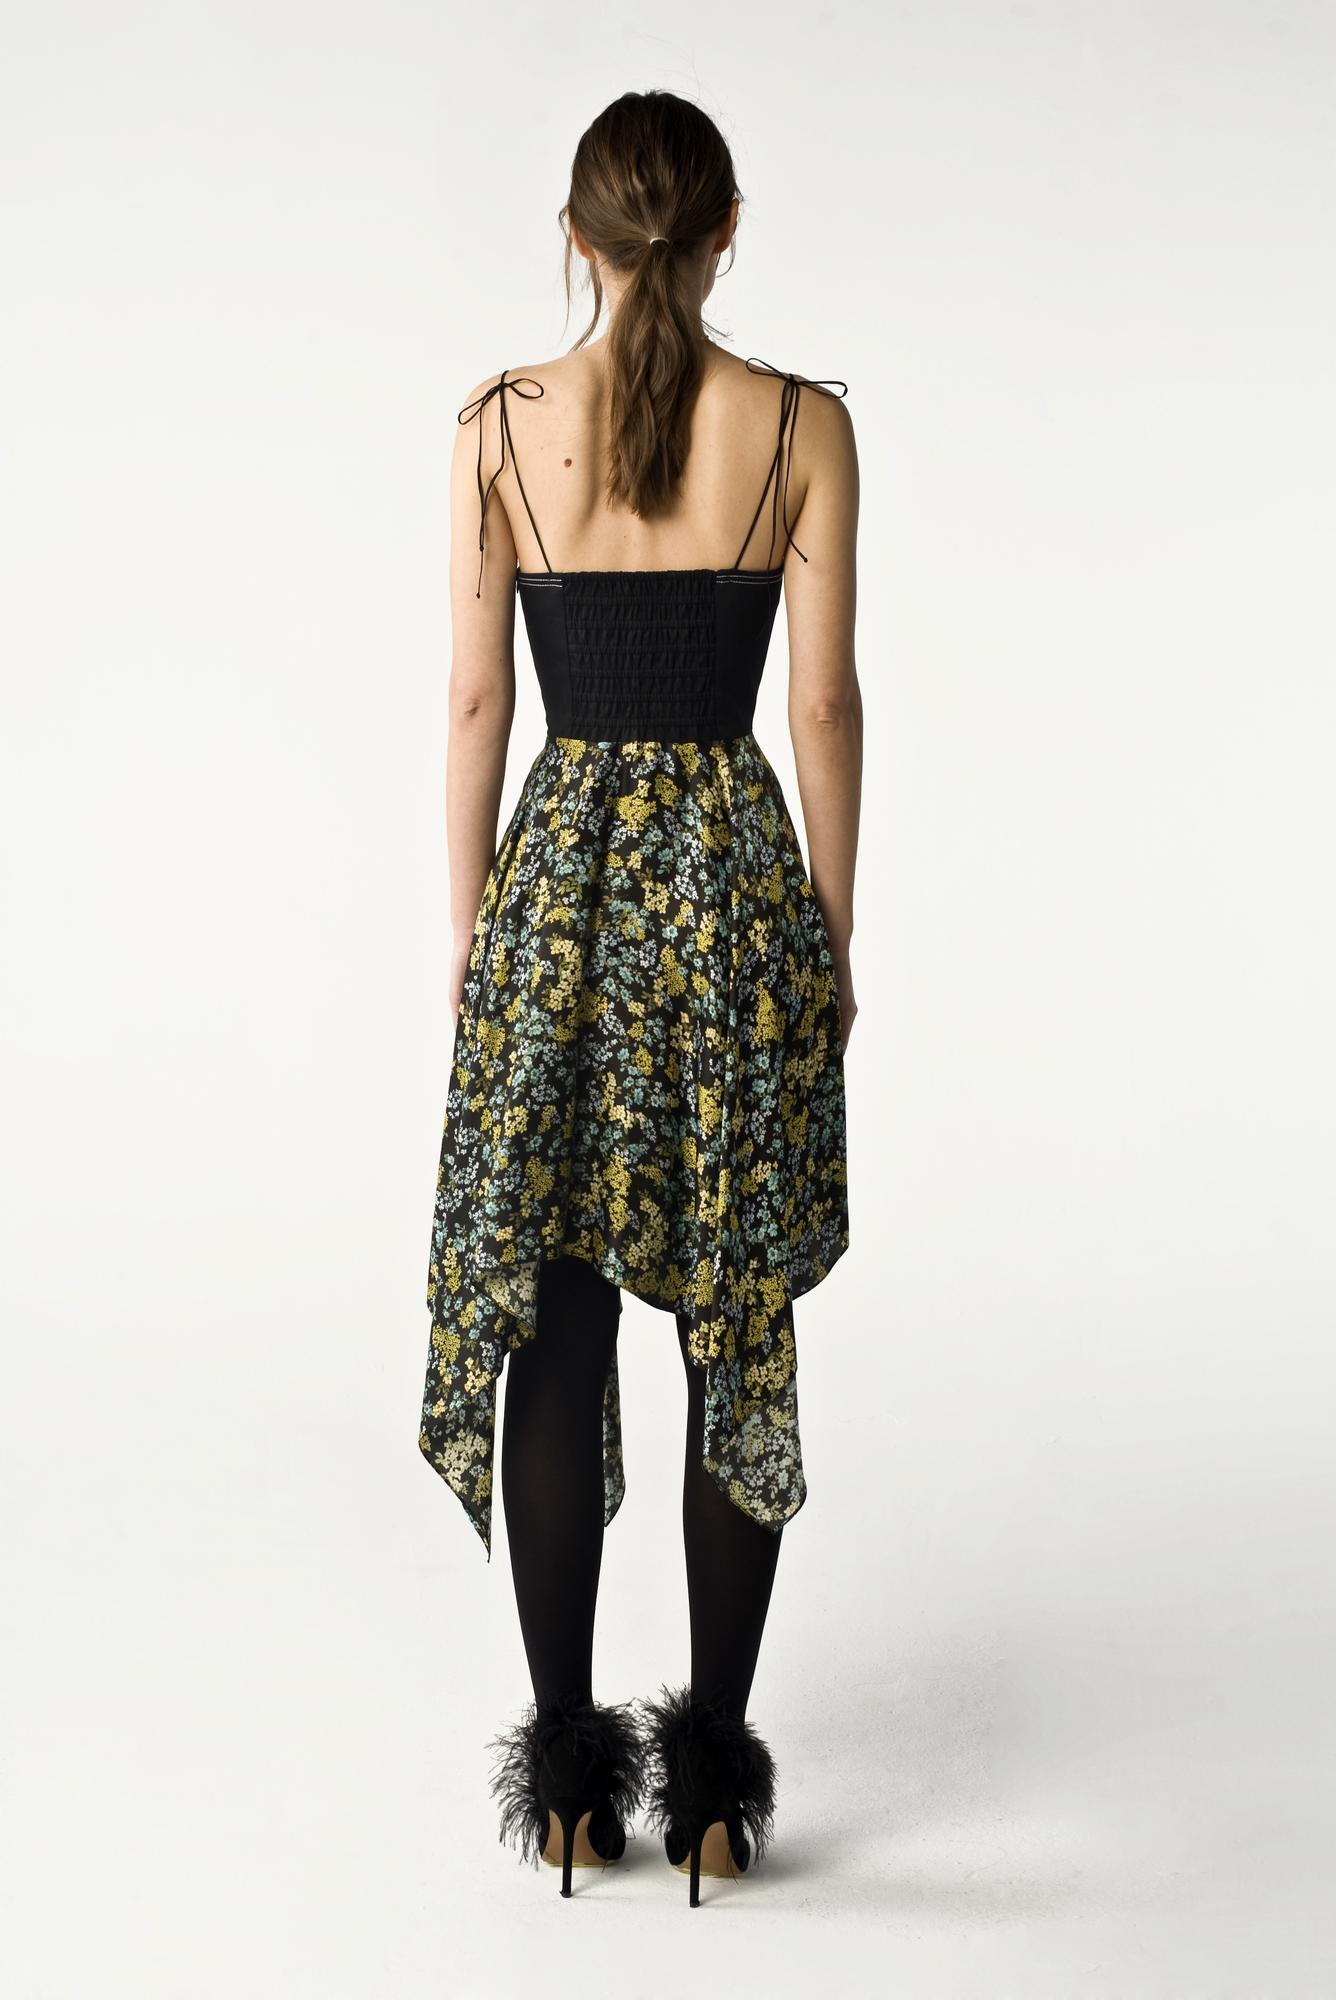 Sukienka gorsetowa wykonana z połączenia wysokiej jakości włoskiej naturalnej bawełny i wiskozy. Elastyczny element na plecach pozwala na łatwe dopasowanie sukienki do rozmiaru. Skład: gorset - 100% bawełna, spódnica - 100% wiskoza, podszewka - 100% jedwab Modelka ma 178 cm wzrostu i nosi rozmiar S Wyprodukowane w Polsce